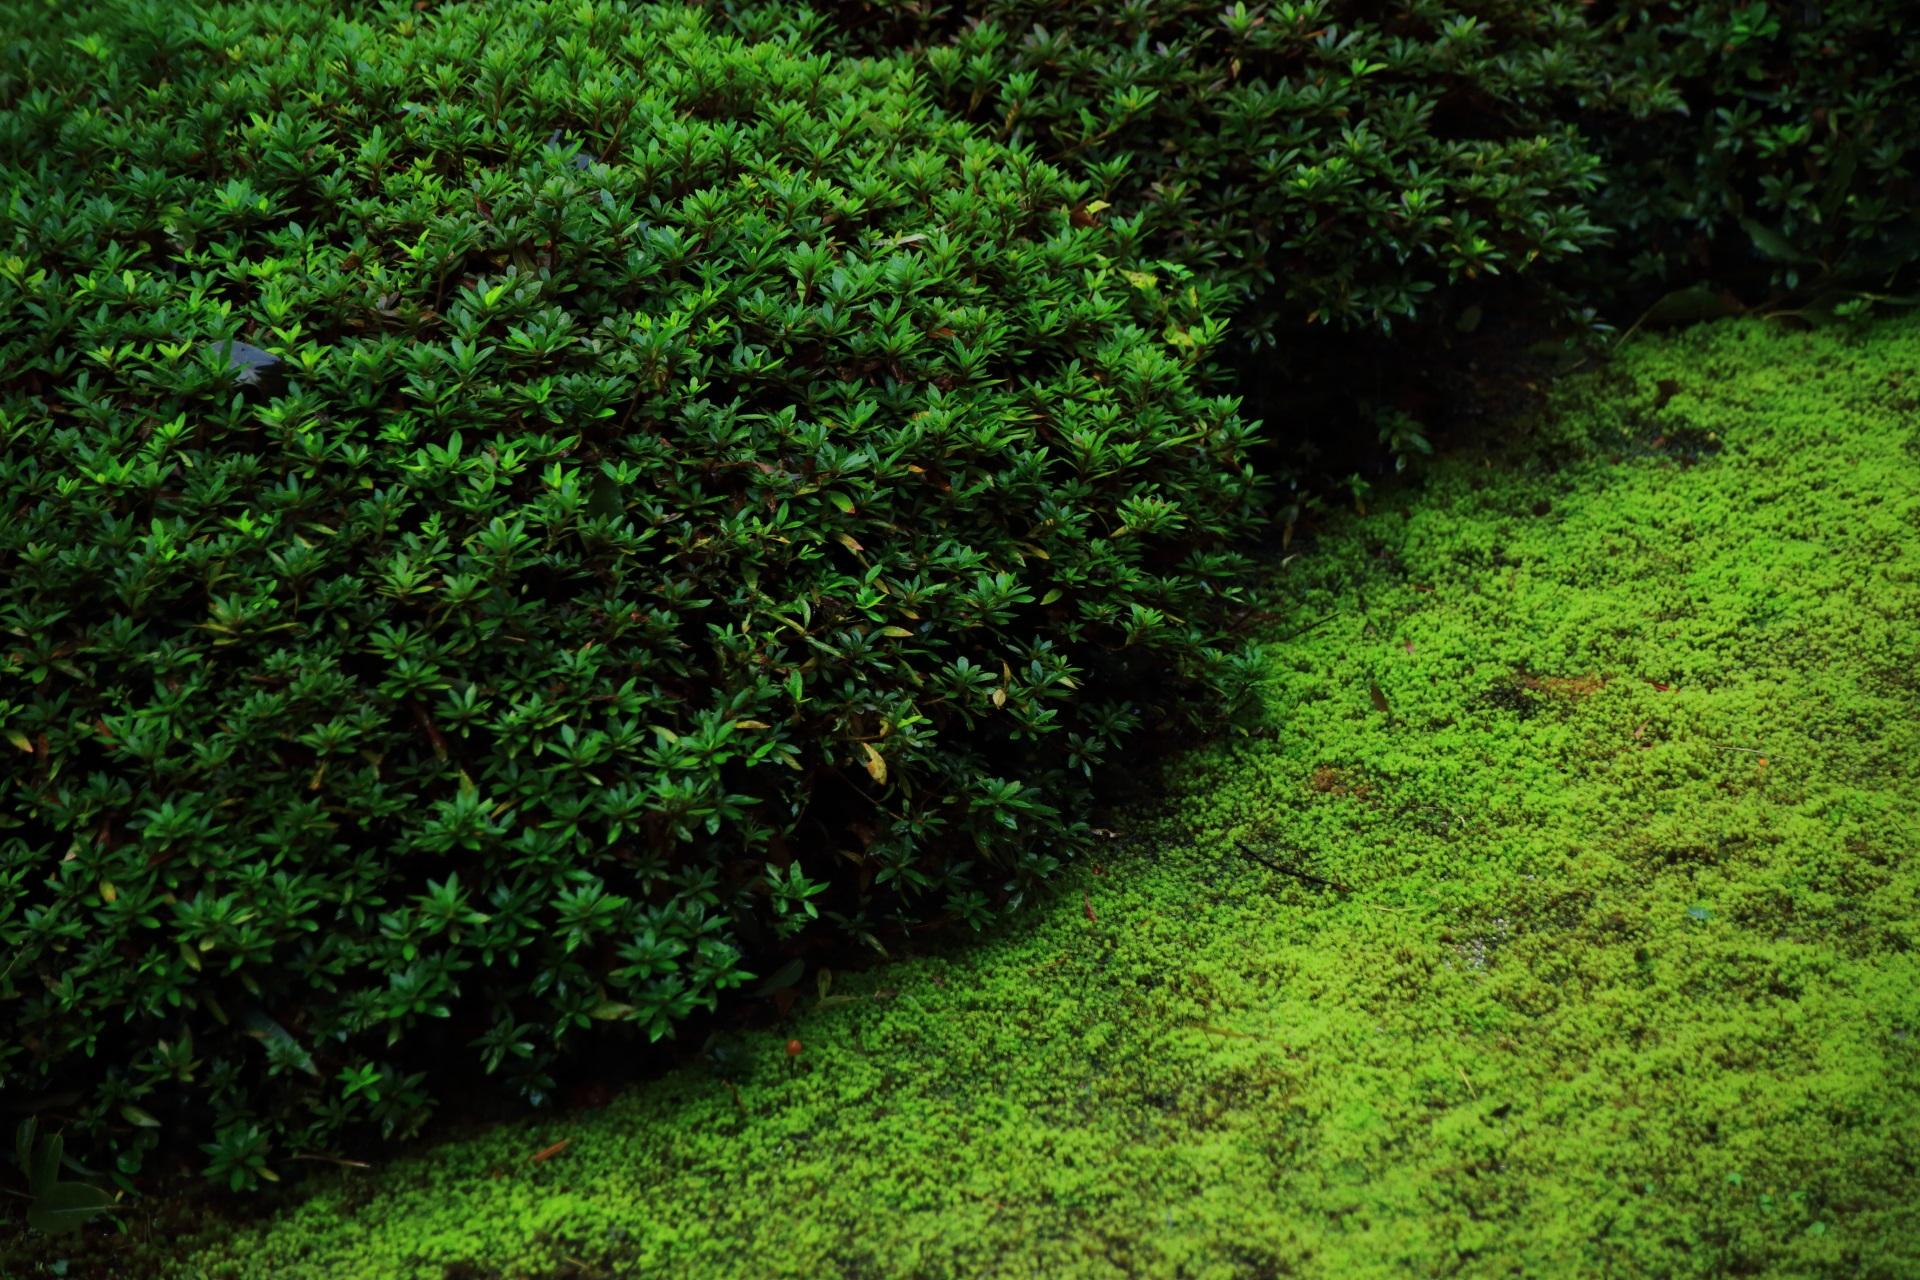 深い緑のサツキの刈り込みと淡い緑の苔